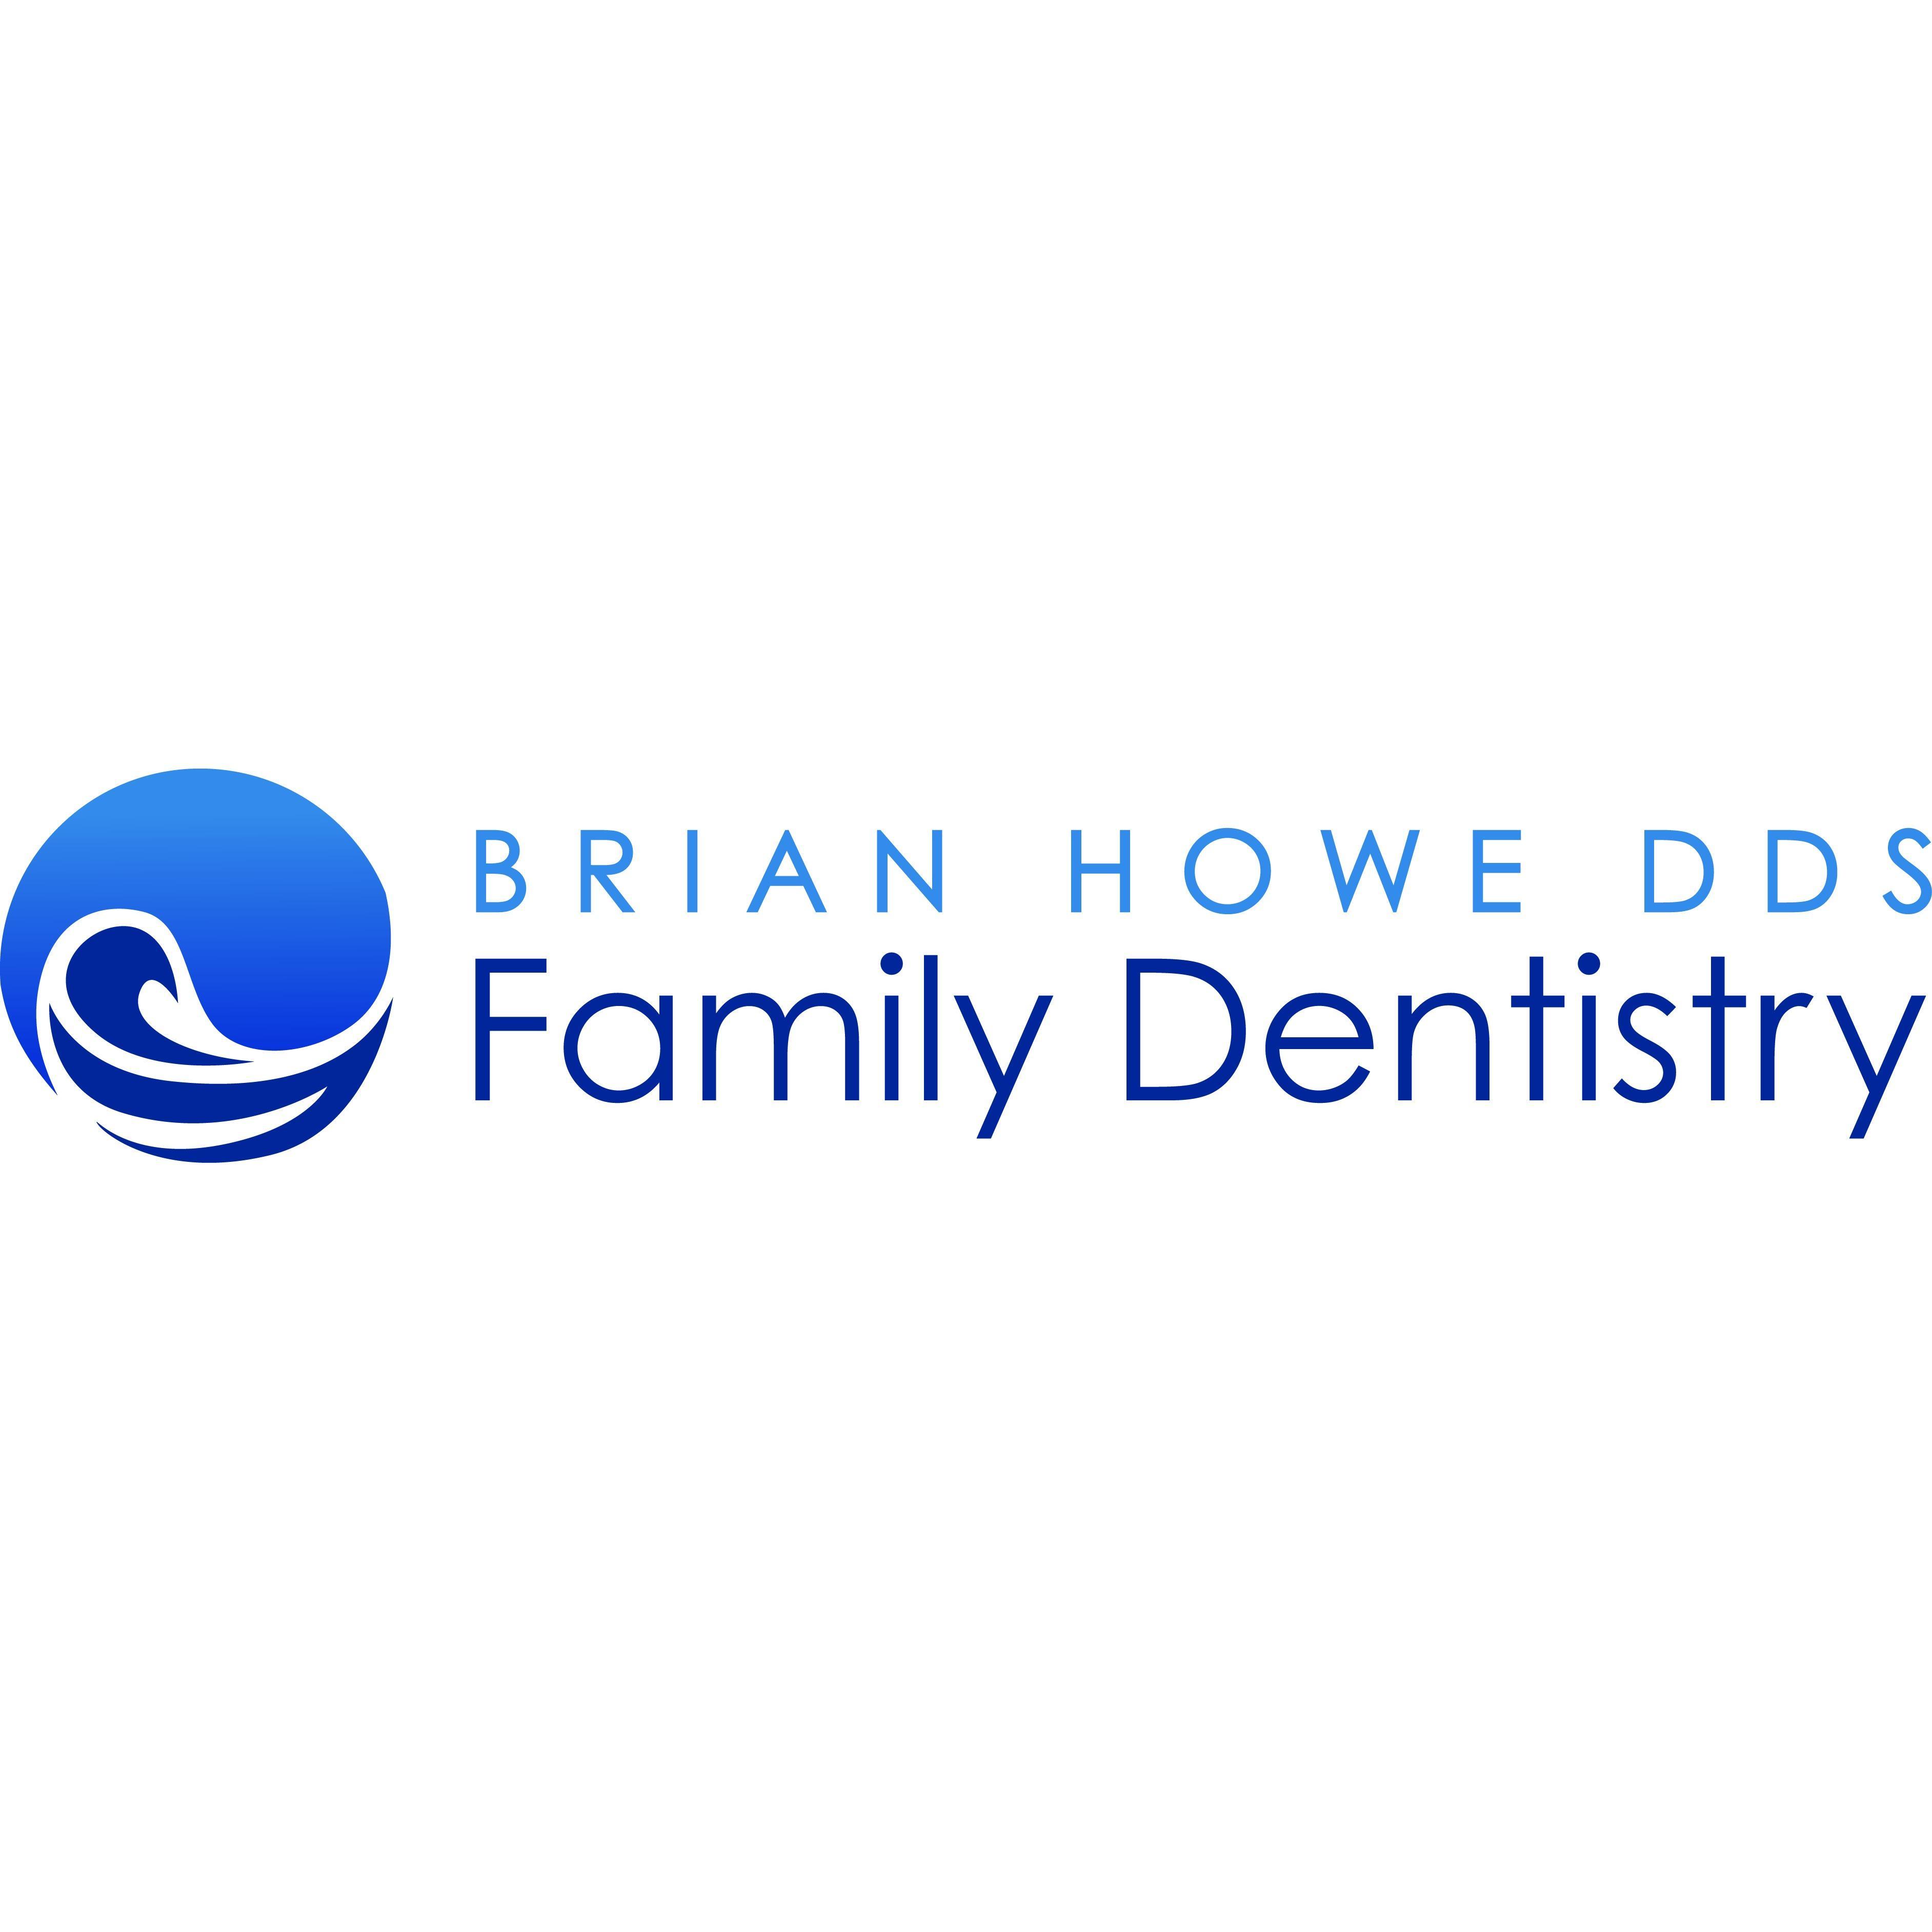 Brian Howe, DDS Family Dentistry, Newark